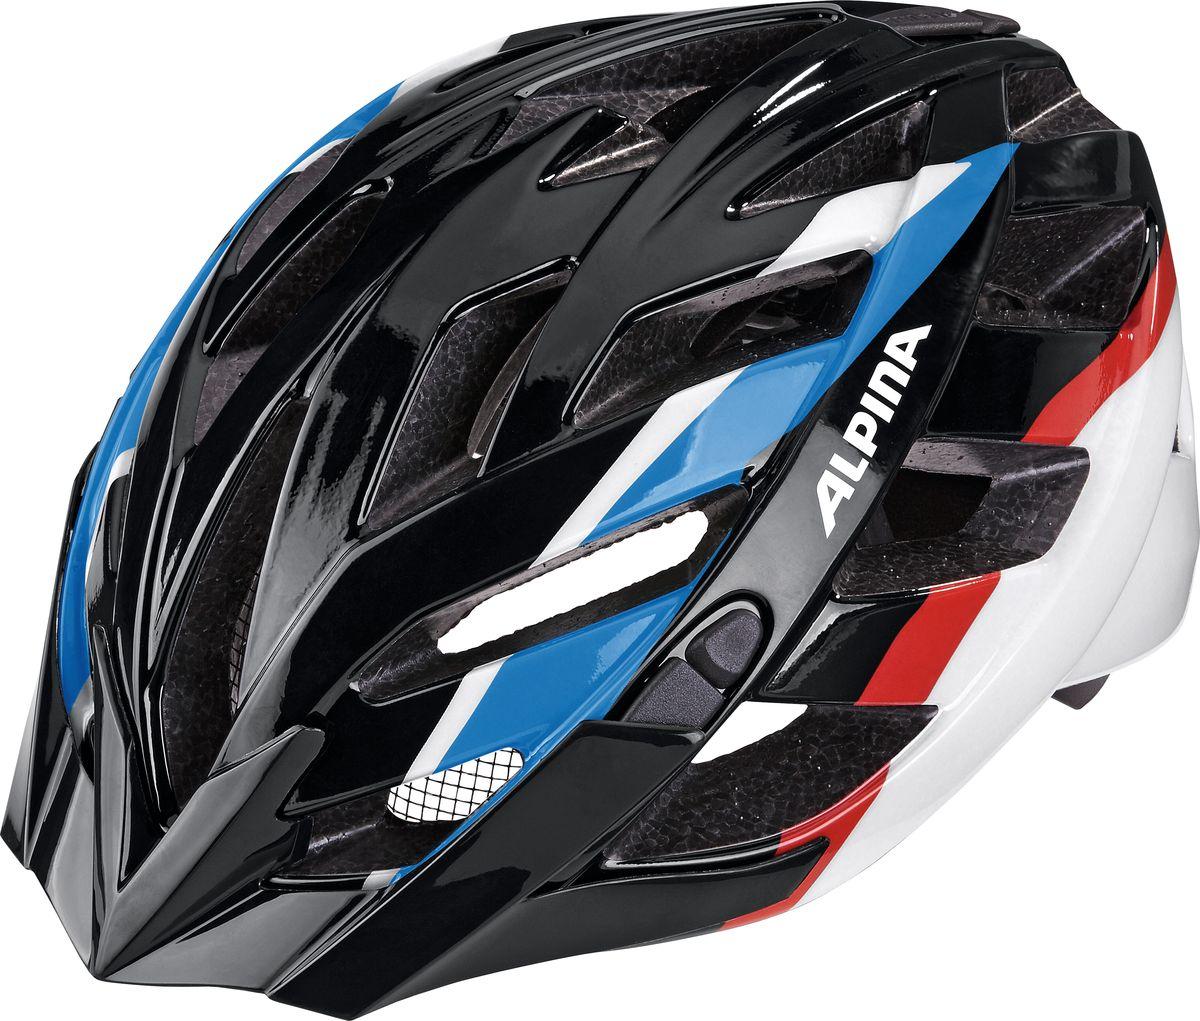 Шлем летний Alpina Panoma, цвет: черный, синий, красный. Размер 52-57A9665136Шлем летний Alpina Panoma - это классический универсальный велосипедный шлем с превосходной посадкой. Panoma - верный компаньон в ежедневных поездках до работы и выездов по выходным. 23 вентиляционных отверстия.Безопасность:Оболочка Inmold Производственный процесс заключается в нагревании до высокой температуры внешней поликарбонатной оболочки и запекании ее на EPS-тело шлема под высоким давлением. Этот процесс создает неразрывную связь по всей поверхности между внутренней и внешней оболочками, благодаря этому шлем получается не только очень легким, но и чрезвычайно стабильным.Hi-EPS Внутренняя оболочка выполнена из Hi-EPS (вспененный полистирол). Этот материал состоит из множества микроскопических воздушных камер, которые эффективно поглощают силу удара. Hi-EPS обеспечивает оптимальную защиту в сочетании с экстратонкими стенками.Ceramic Материал объединяет несколько преимуществ: устойчив к ударам и царапинам, содержит ультрафиолетовые стабилизаторы и антистатичен.Эргономика: Run System Classic Если вы используете свой велосипед для того, чтобы съездить по магазинам, вам не нужна сложная система регулировки. Система подгонки Run System Classic отвечает этим требованиям красивым, простым и надежным колесом регулировки. Система Run System Classic проста в использовании и держит шлем надежно, там где он должен быть - на голове.Y-Clip Шлем может обеспечить правильную защиту, только если он остается на месте в случае удара. Крепление, которое соединяет две полоски под ухом имеет решающее значение в этом случае. Система Y-Clip Alpina гарантирует идеальную подгонку до последнего миллиметра за считанные секунды.Ergomatic Проверенная бесчисленное количество раз, эта пряжка используется во всех шлемах Alpina. Из особенностей: красная кнопка приводящая в действие механизм автоматической многоступенчатой регулировки. Пряжку можно расстегнуть или застегнуть одной рукой, так, например, вы можете ослабить